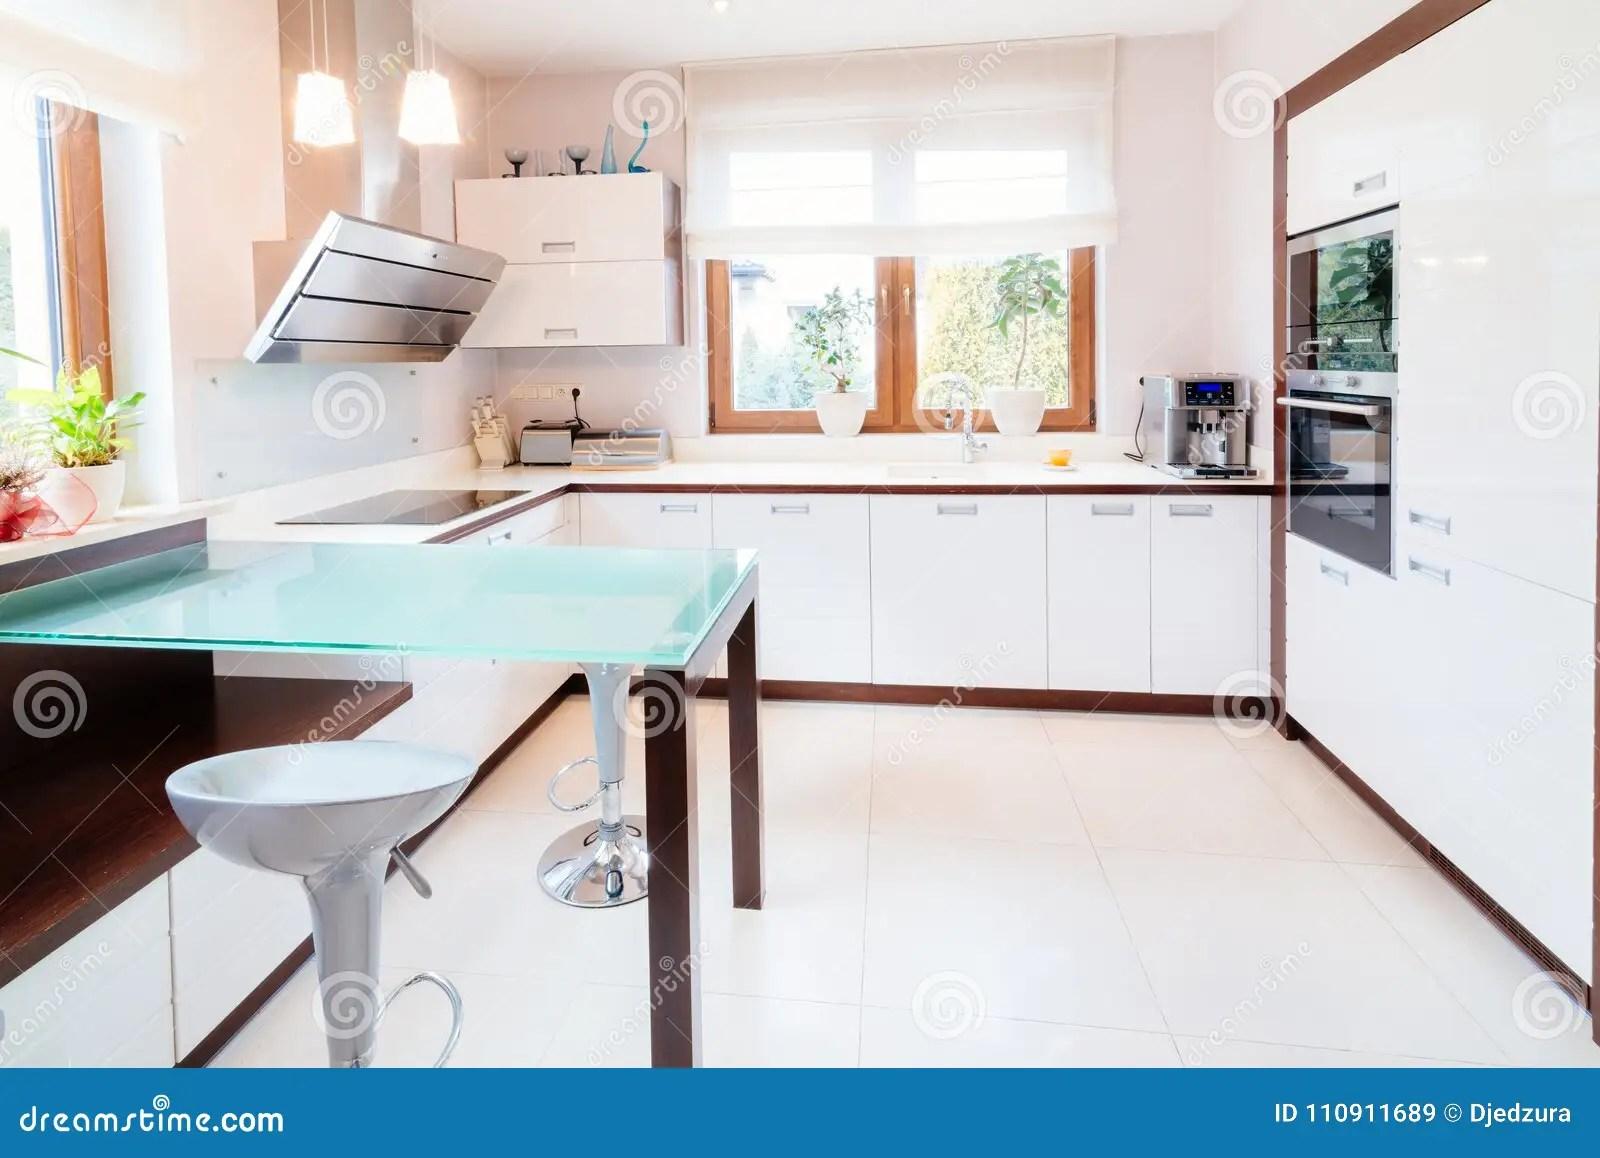 kitchen glass table yellow mat 厨房现代白色库存图片 图片包括有现代 豪华 没人 空白 家具 设计 有玻璃桌和窗口的白色现代厨房